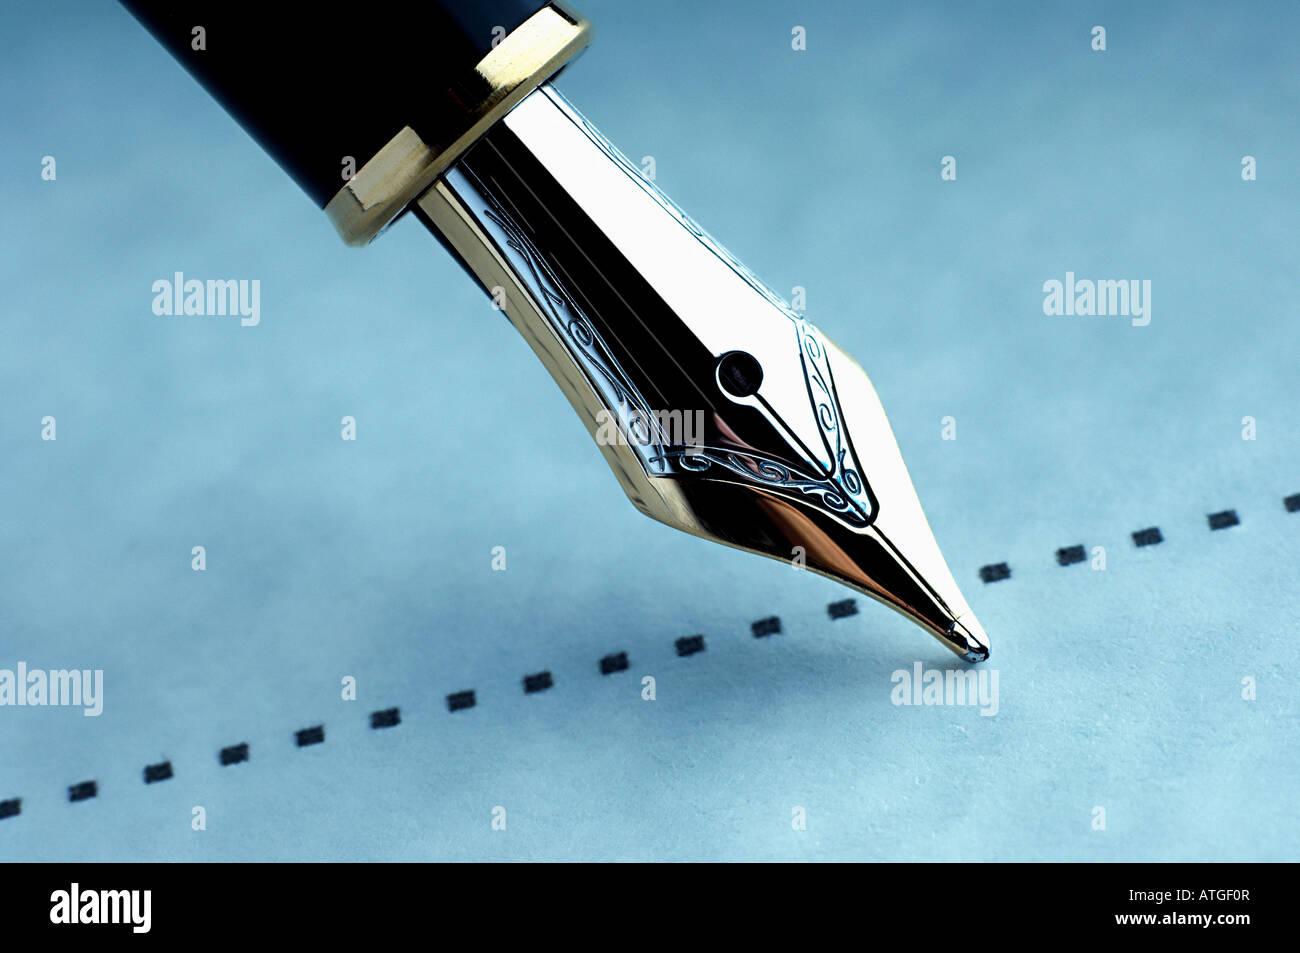 Firmar la línea punteada Imagen De Stock